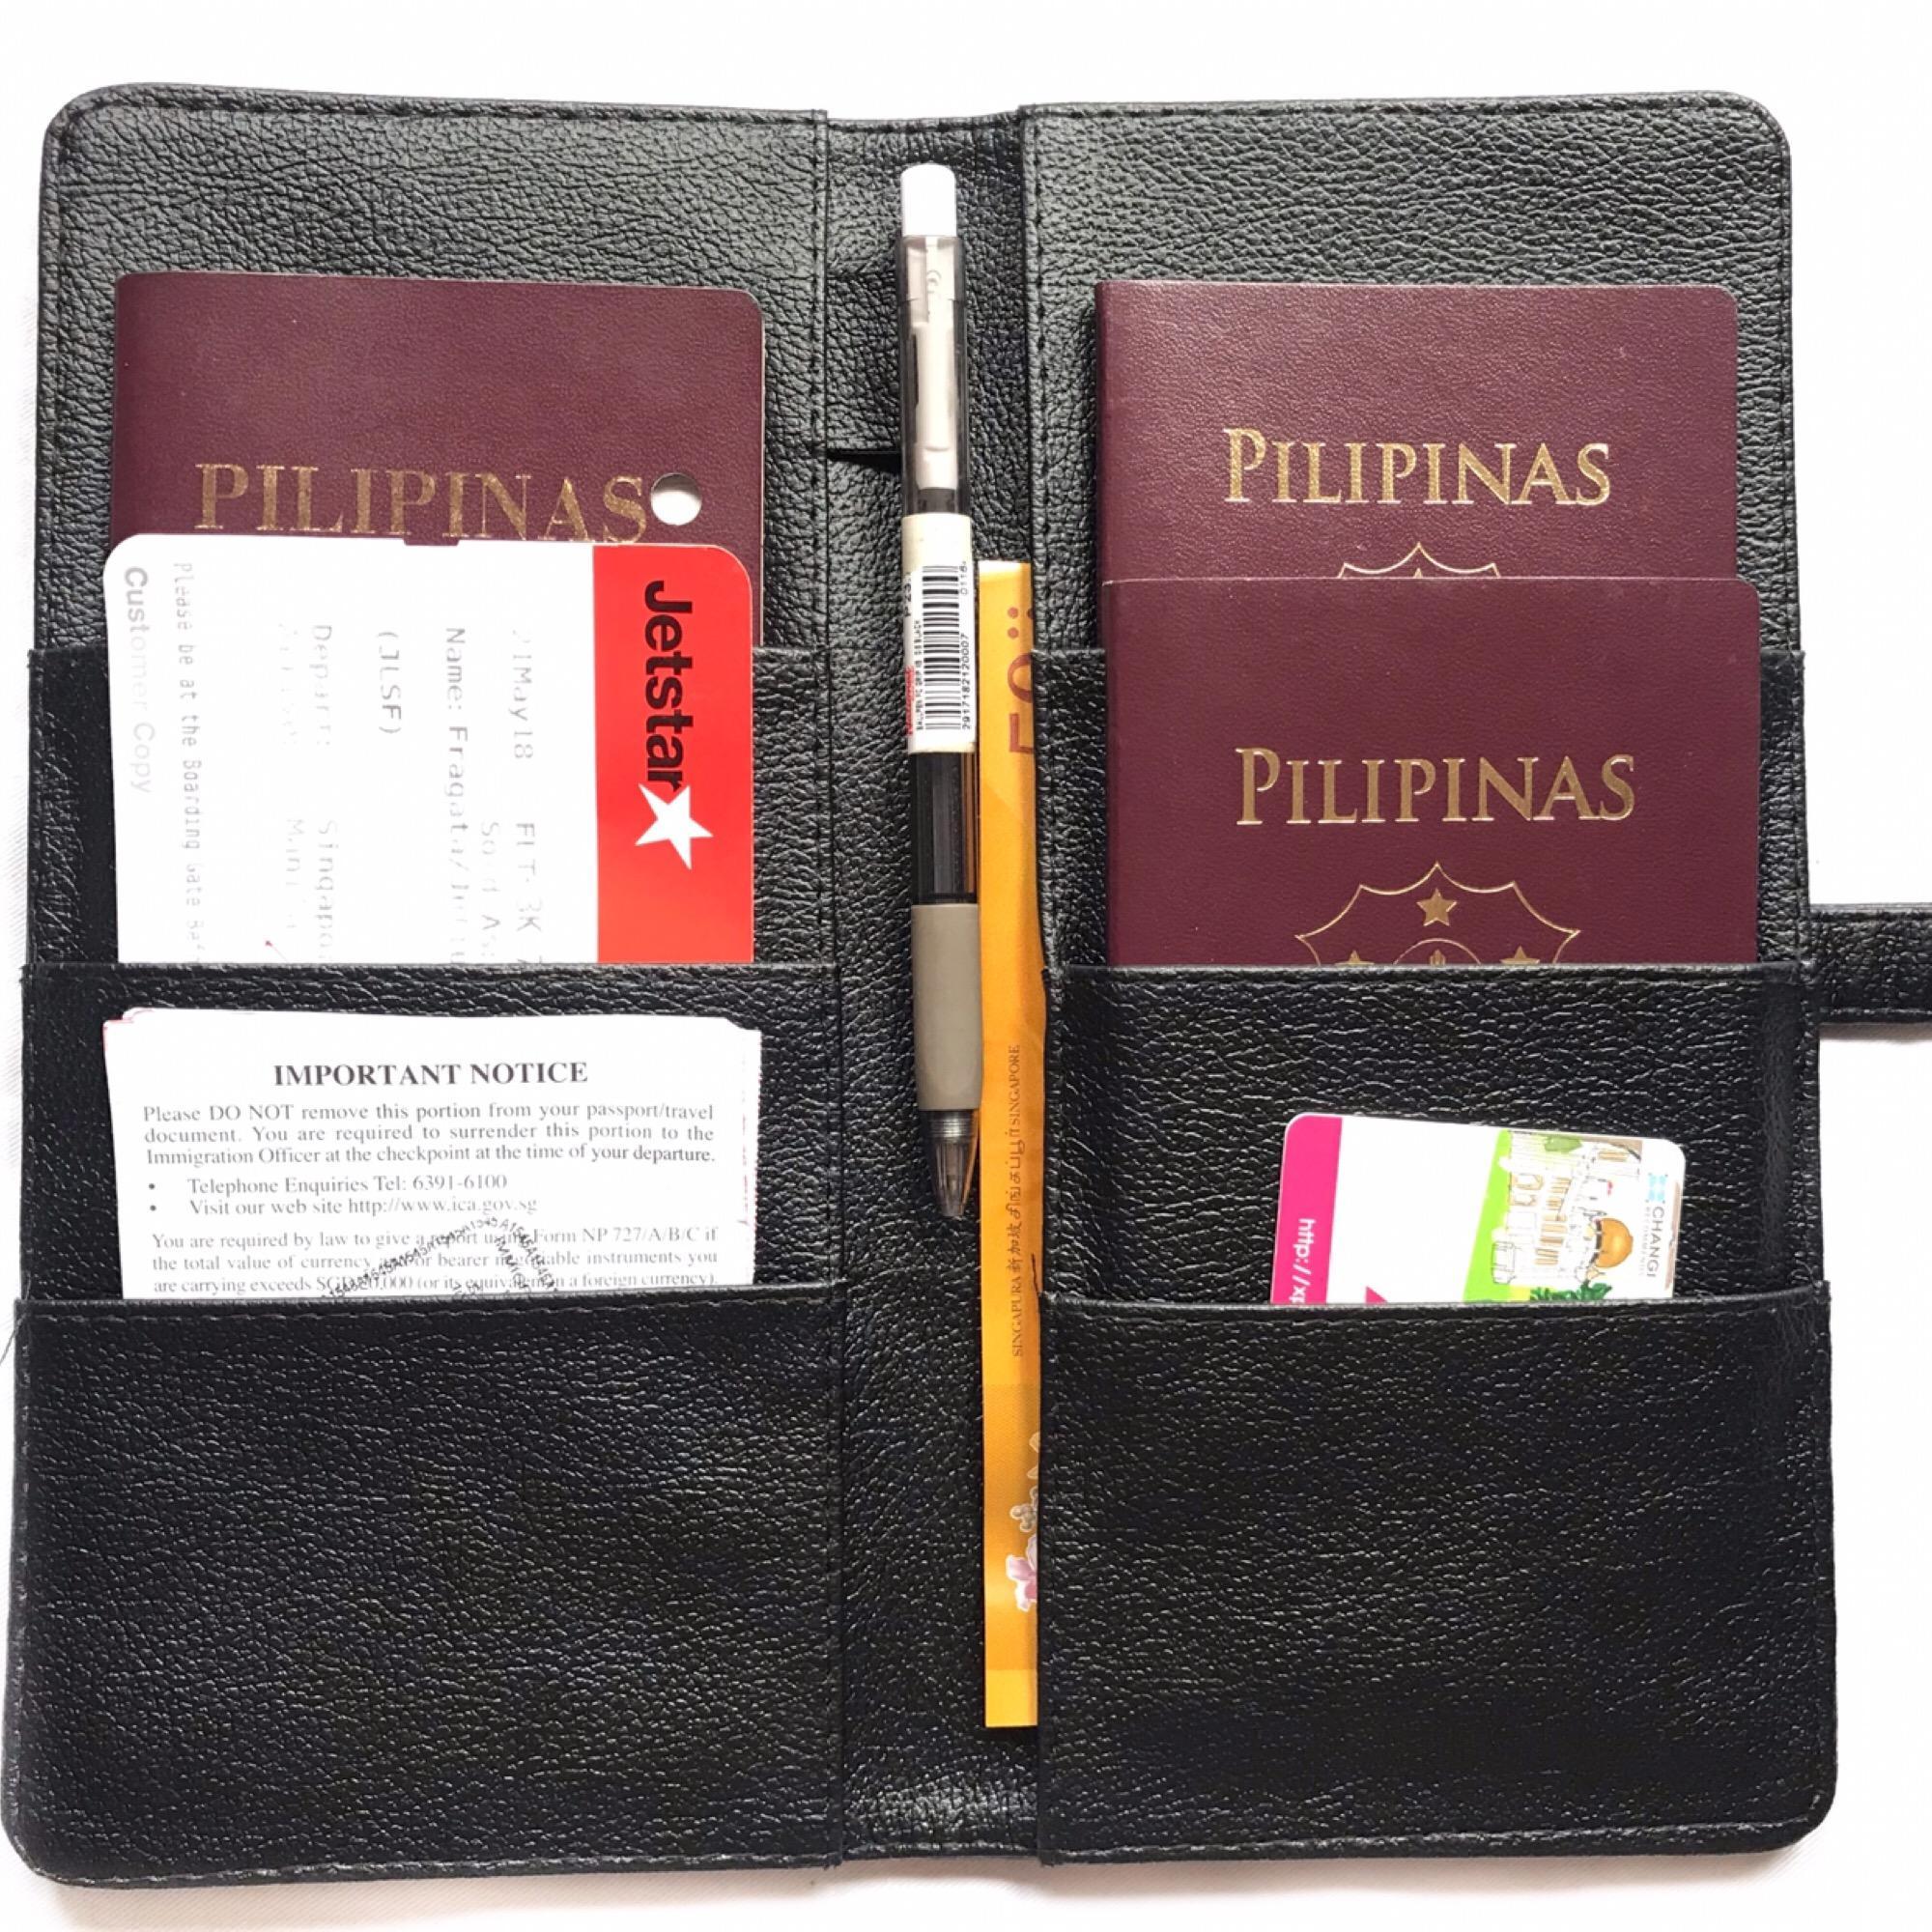 cfaf35cf119c Passport Covers for sale - Passport Holders Online Deals & Prices in ...